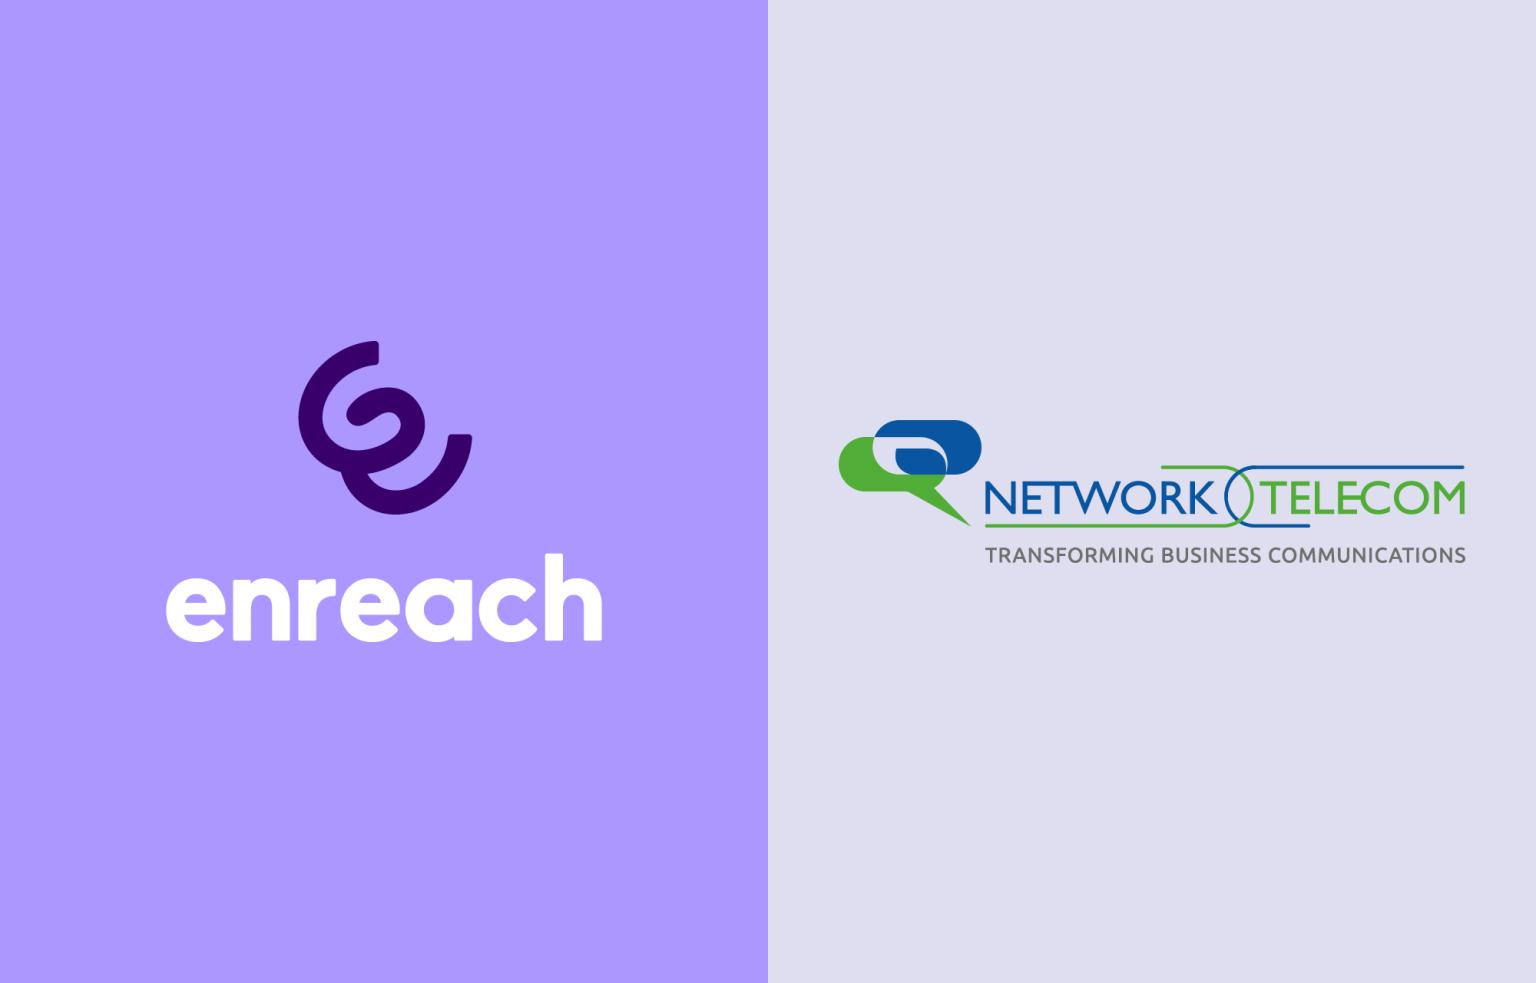 Network-telecom